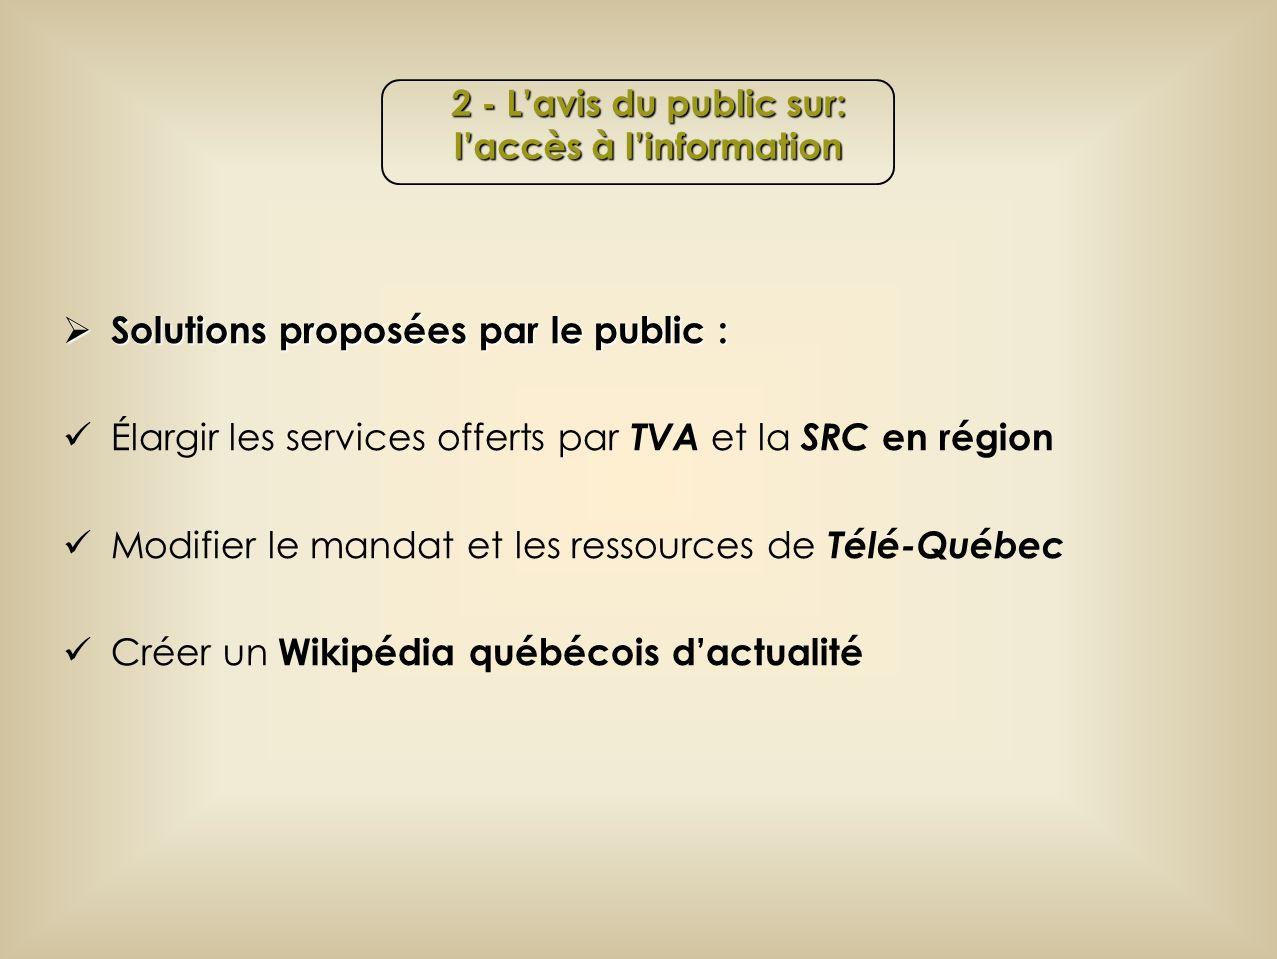 Solutions proposées par le public : Solutions proposées par le public : Élargir les services offerts par TVA et la SRC en région Modifier le mandat et